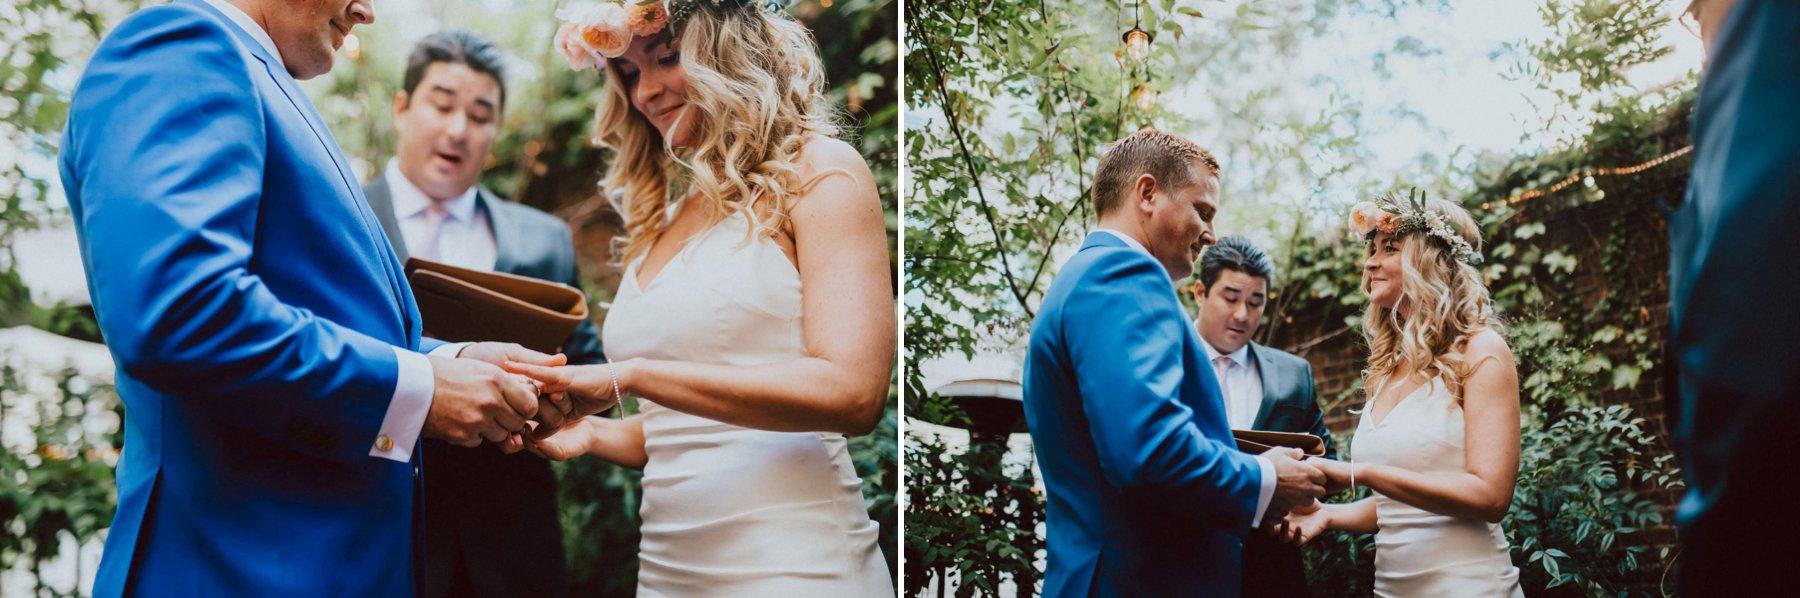 la-cheri-philadelphia-wedding-57.jpg